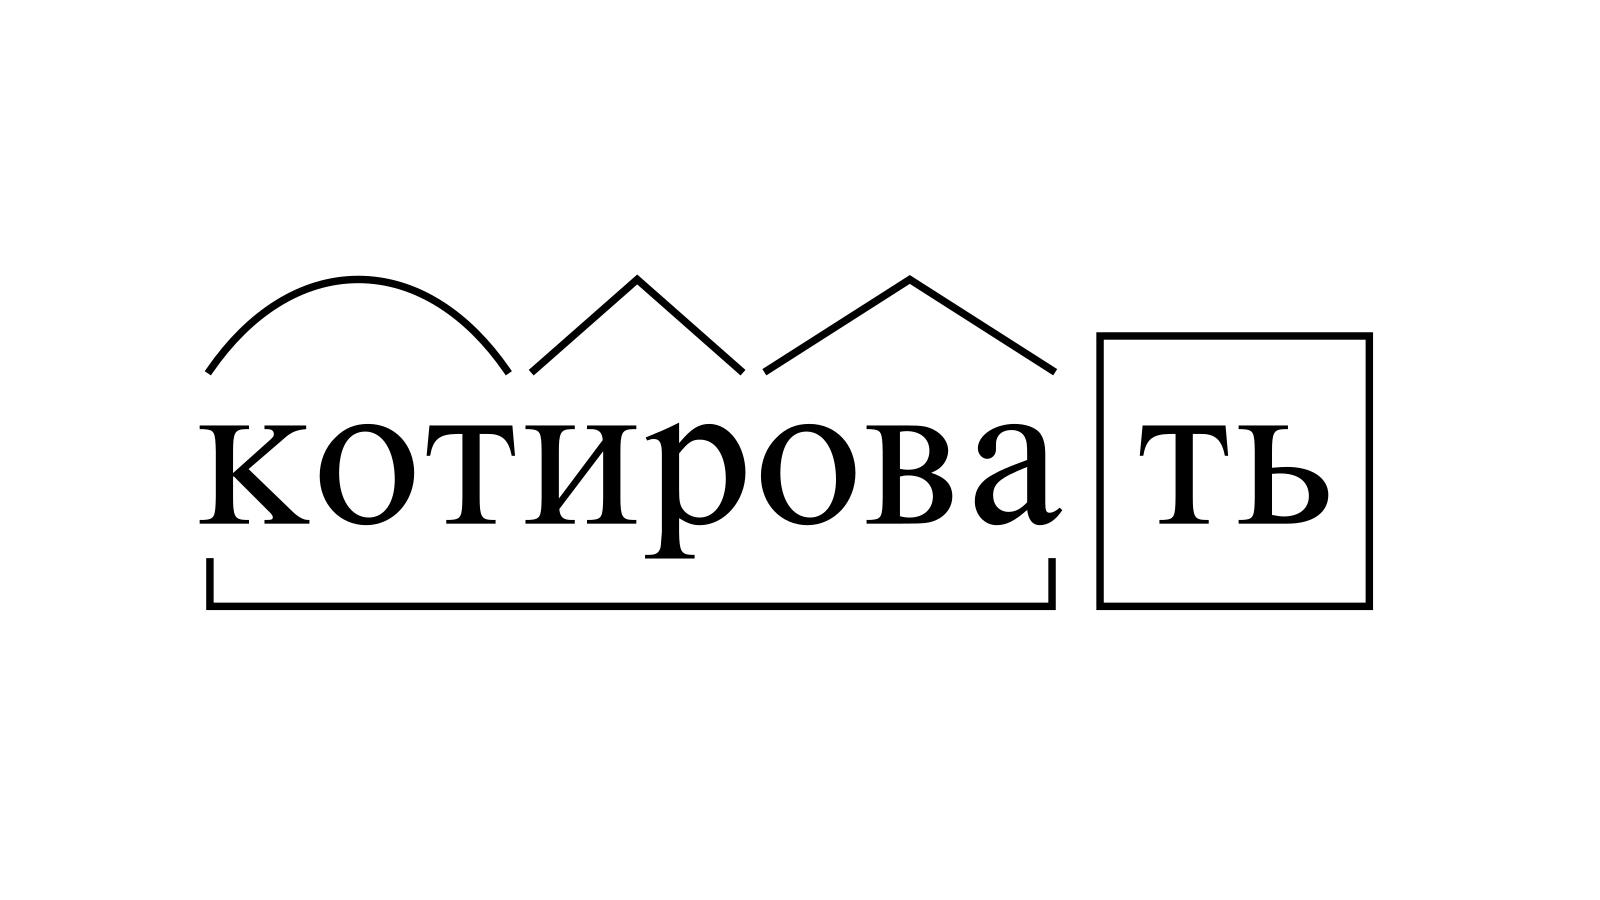 Разбор слова «котировать» по составу